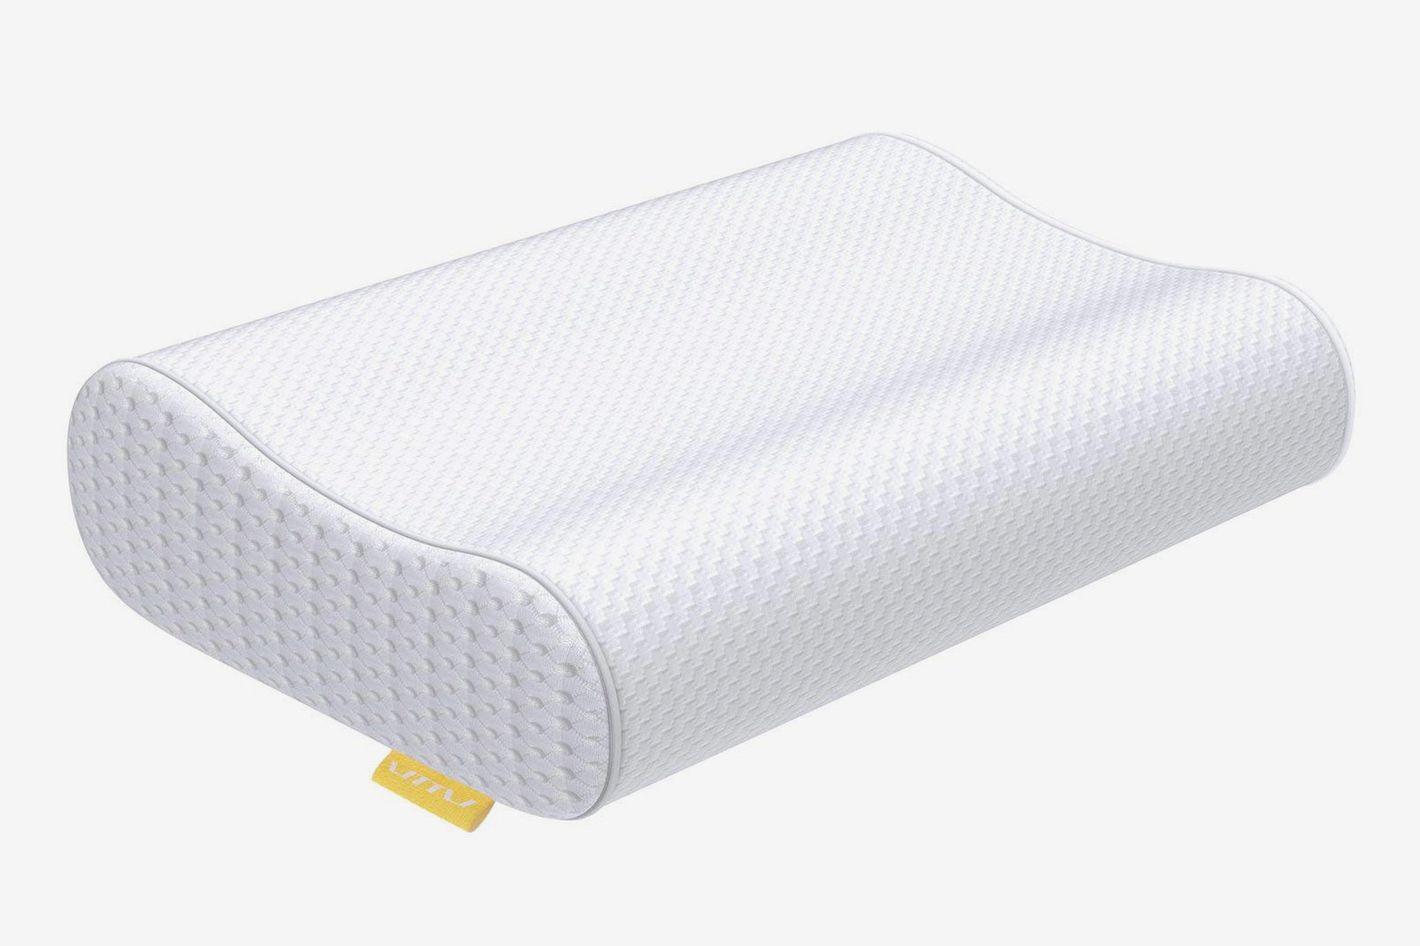 UTTU Sandwich Pillow, Adjustable Memory Foam Pillow